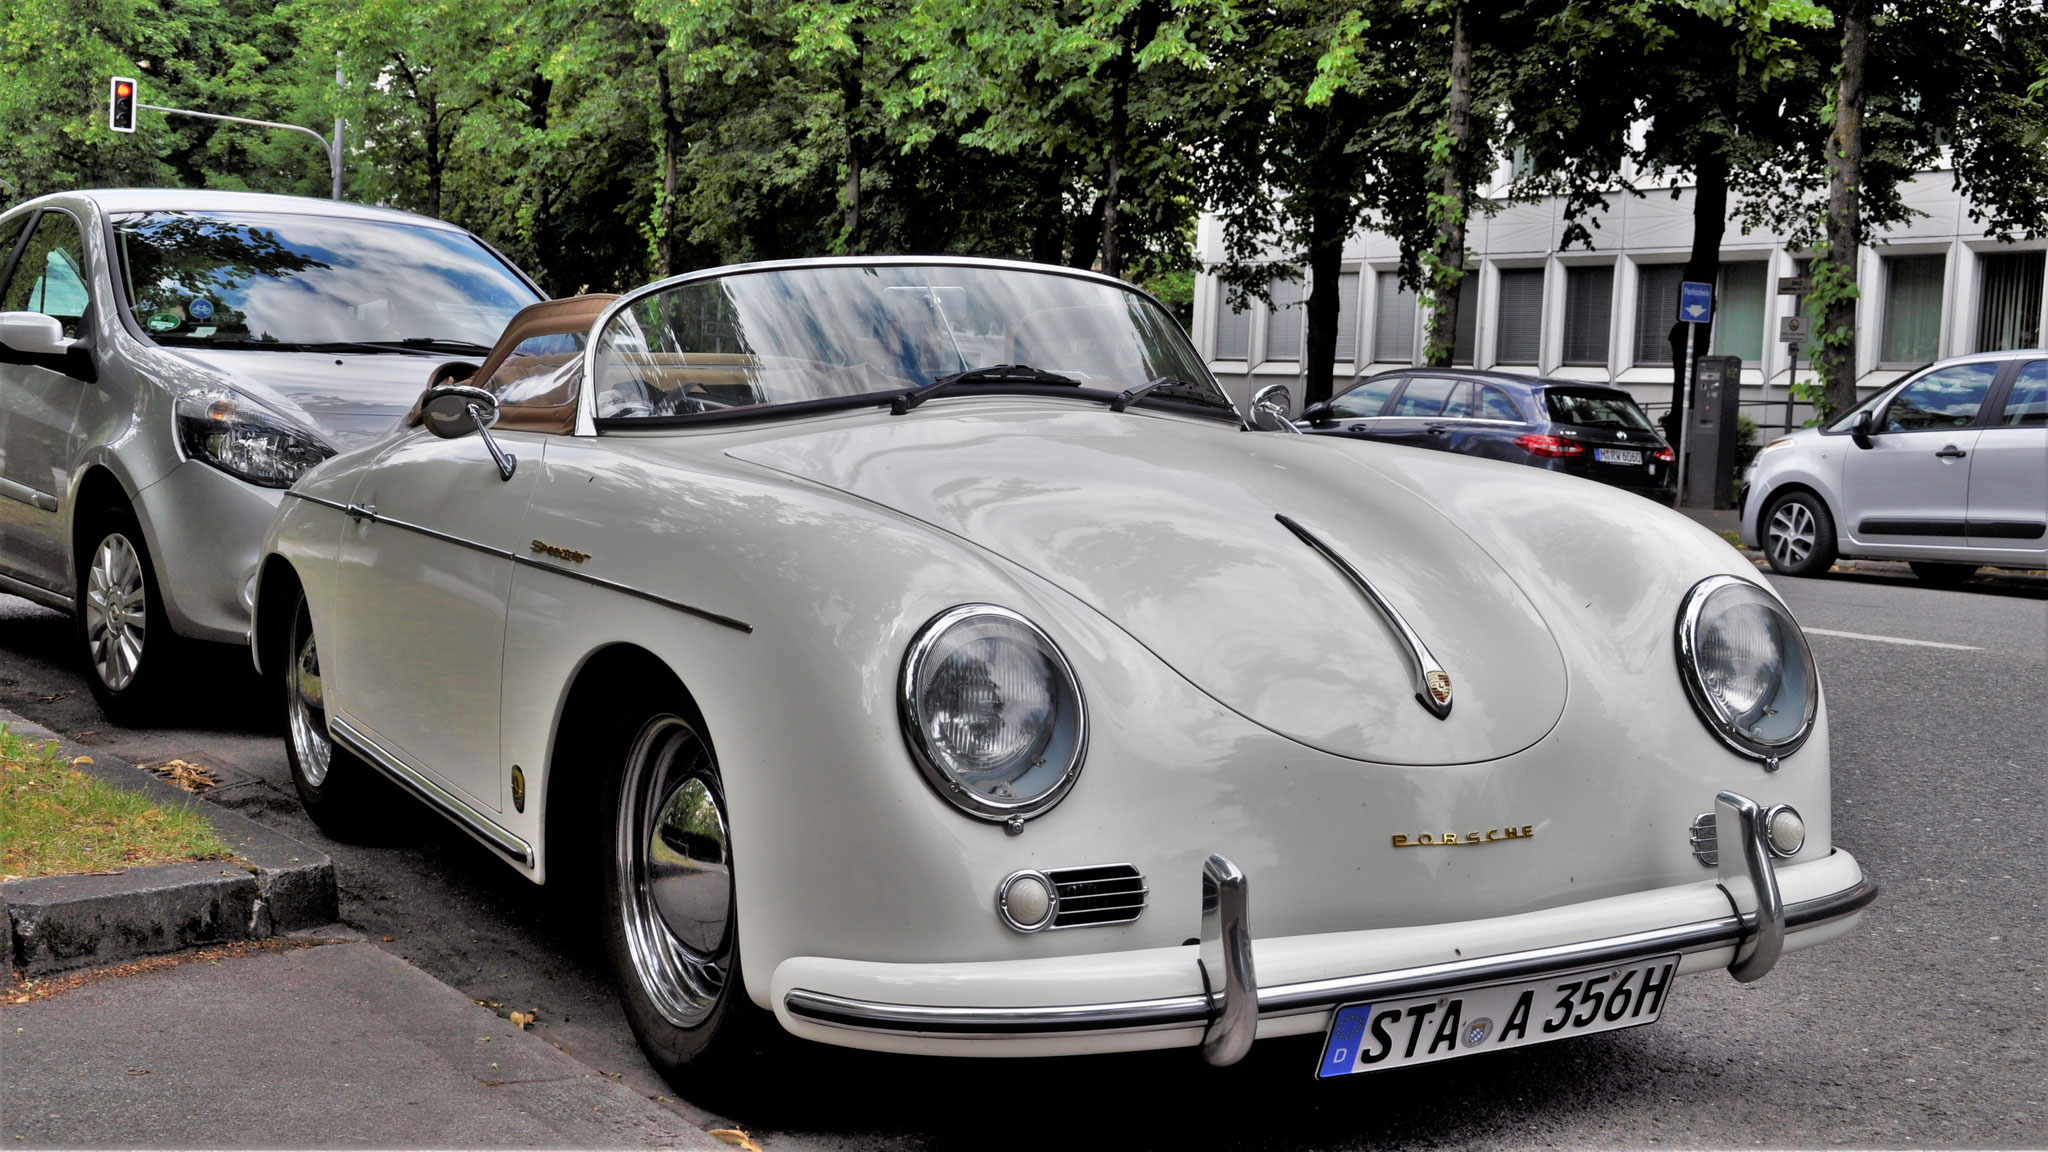 Porsche 356 1600 Super Speedster - STA-A-356H